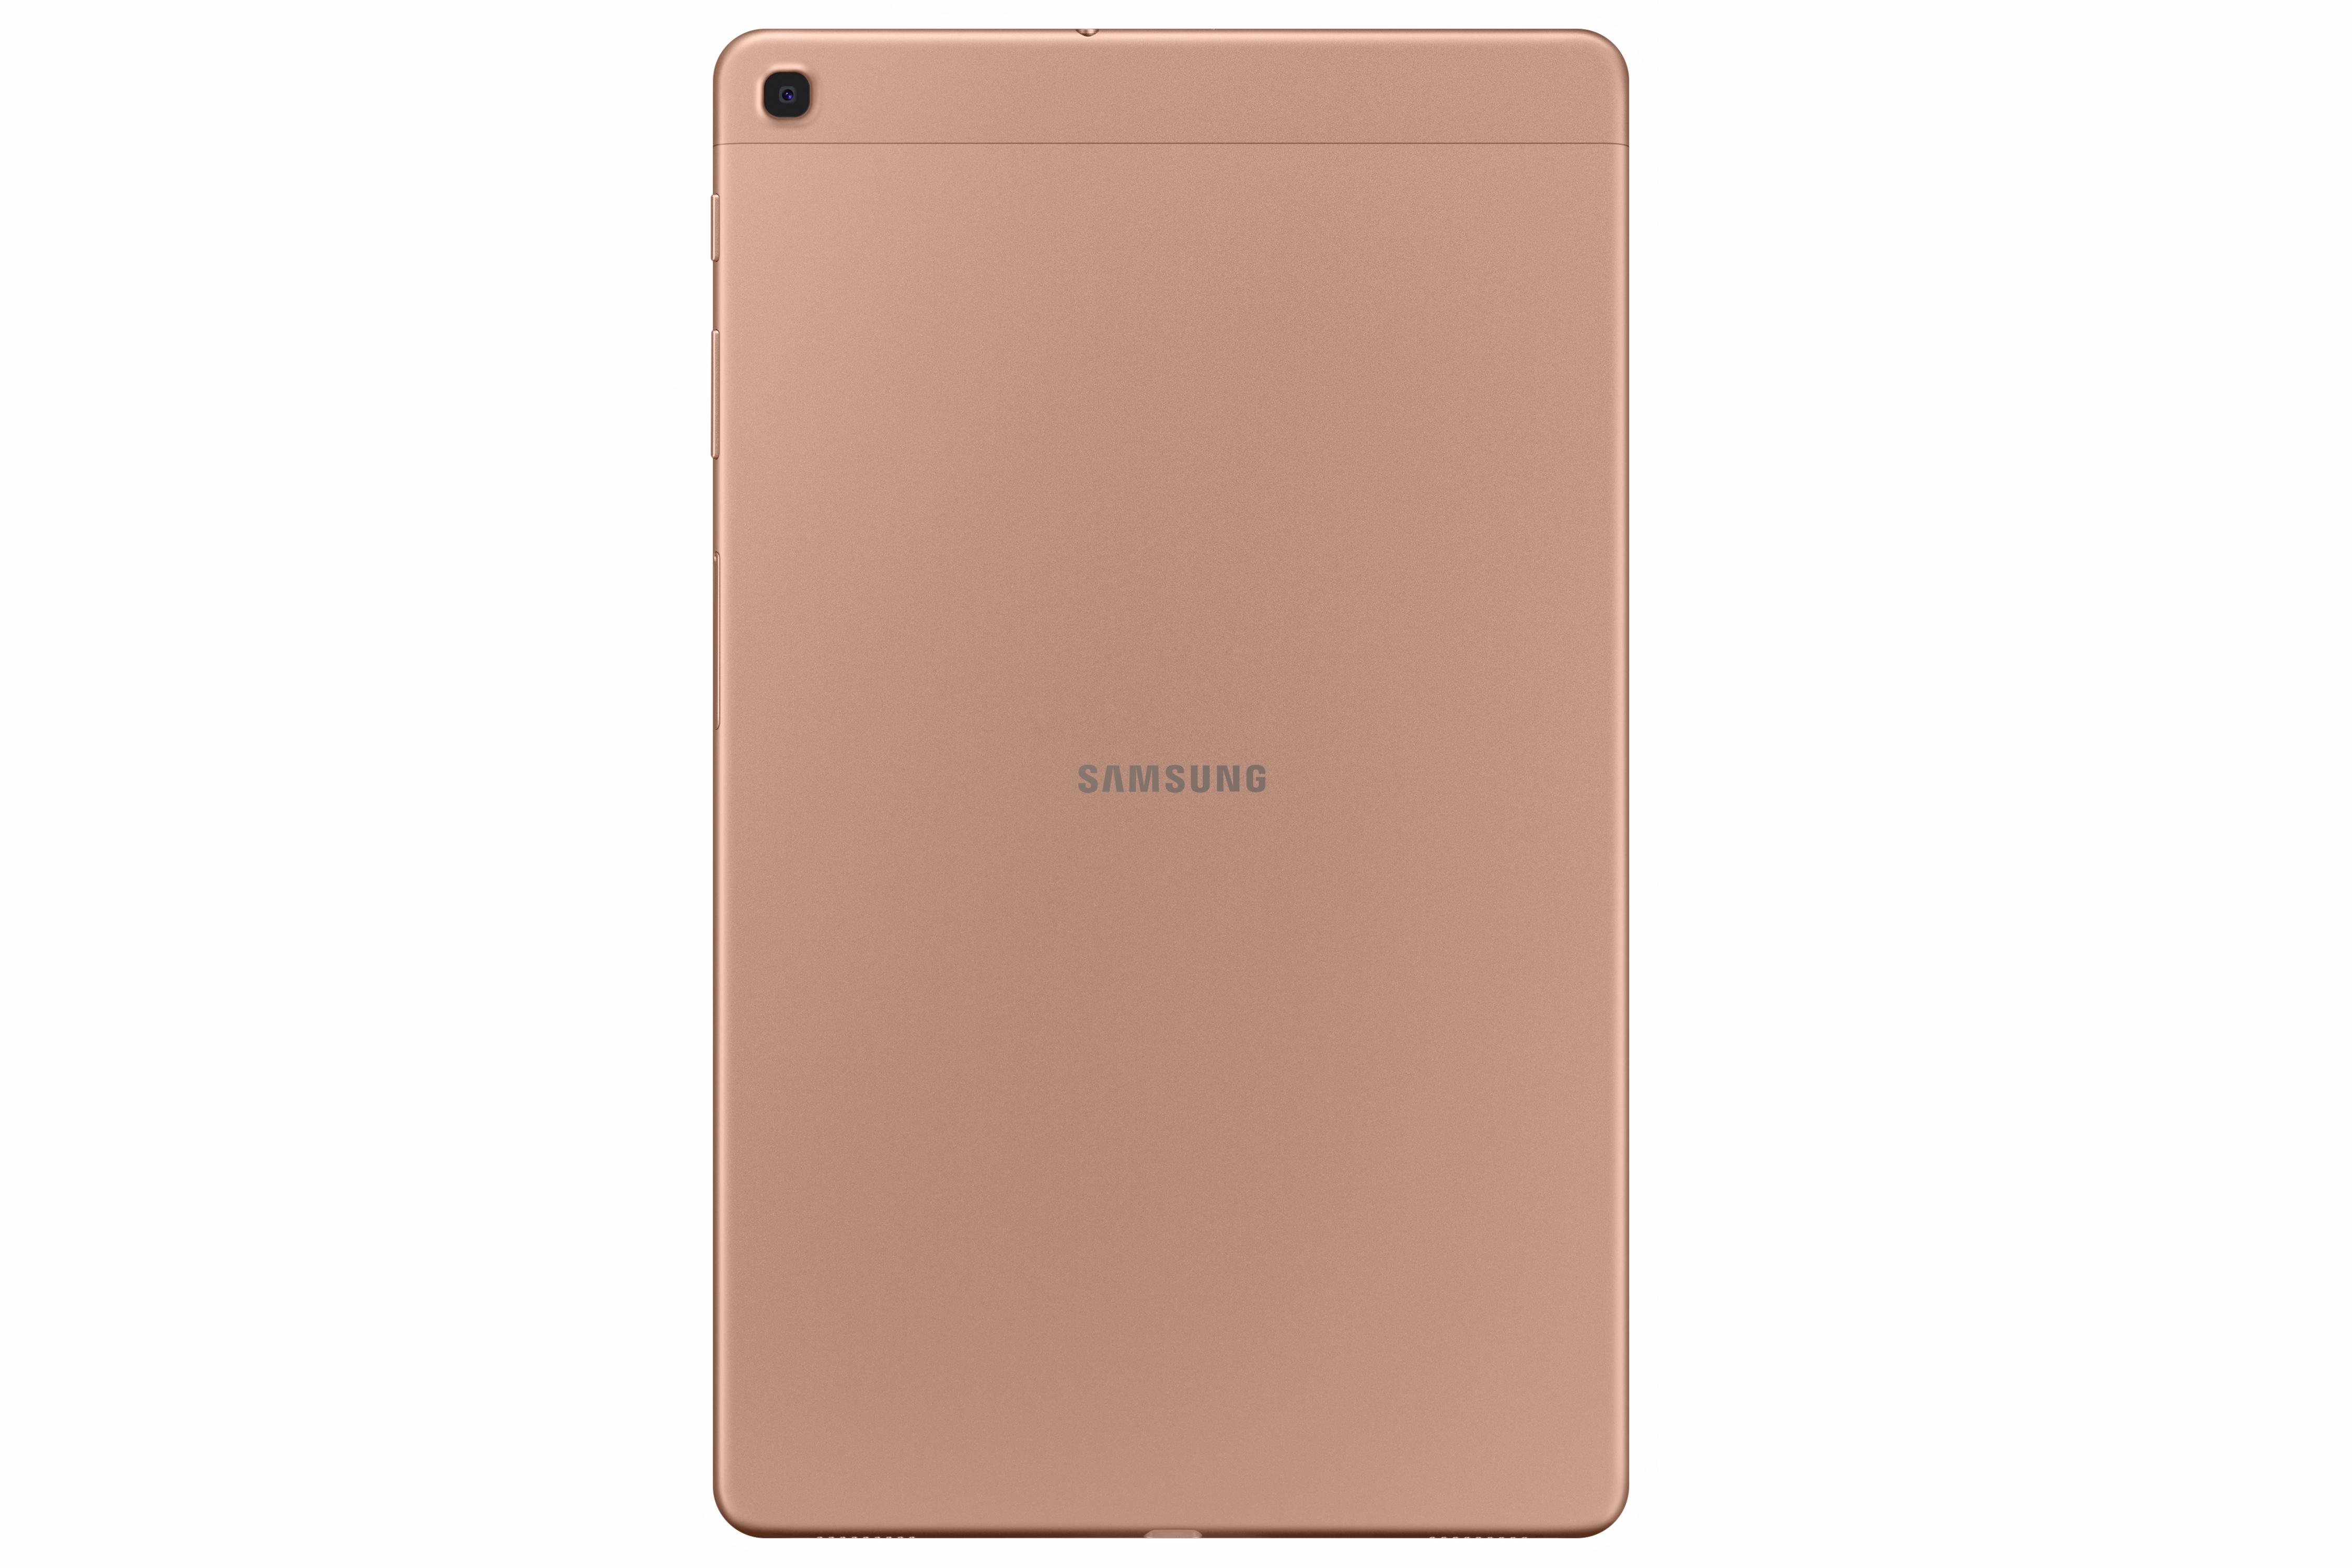 SAMSUNG Galaxy Tab A10.1 2019 32GB Gold Planšetdators